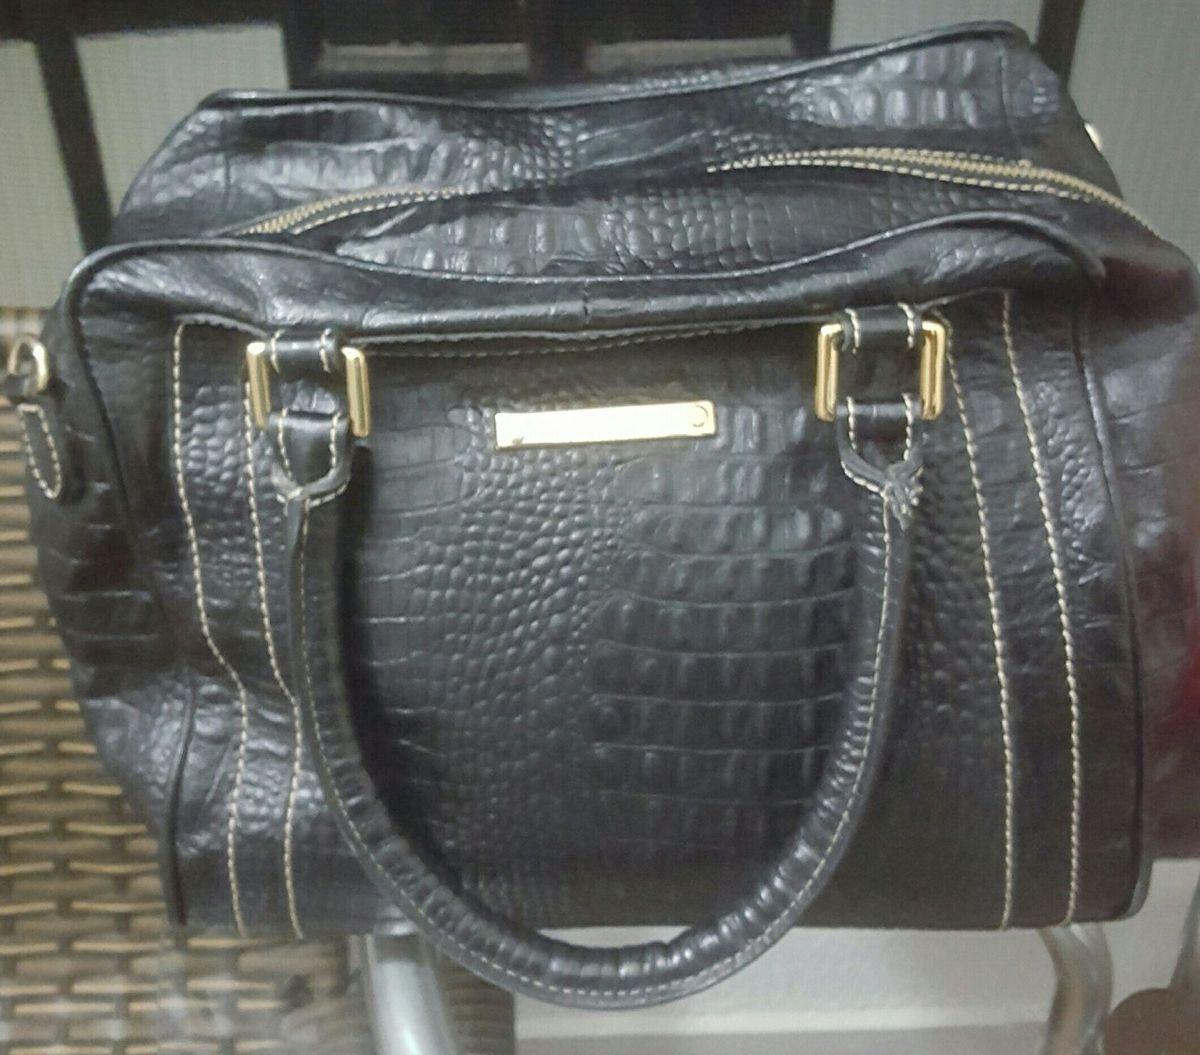 49ff8249d bolsa de couro - de mão amarelle.  Czm6ly9wag90b3muzw5qb2vplmnvbs5ici9wcm9kdwn0cy81ndywodywl2m3mwe3ztm5mmq3ywyynza3zdzmmtvkmdvjmwq4mtyylmpwzw